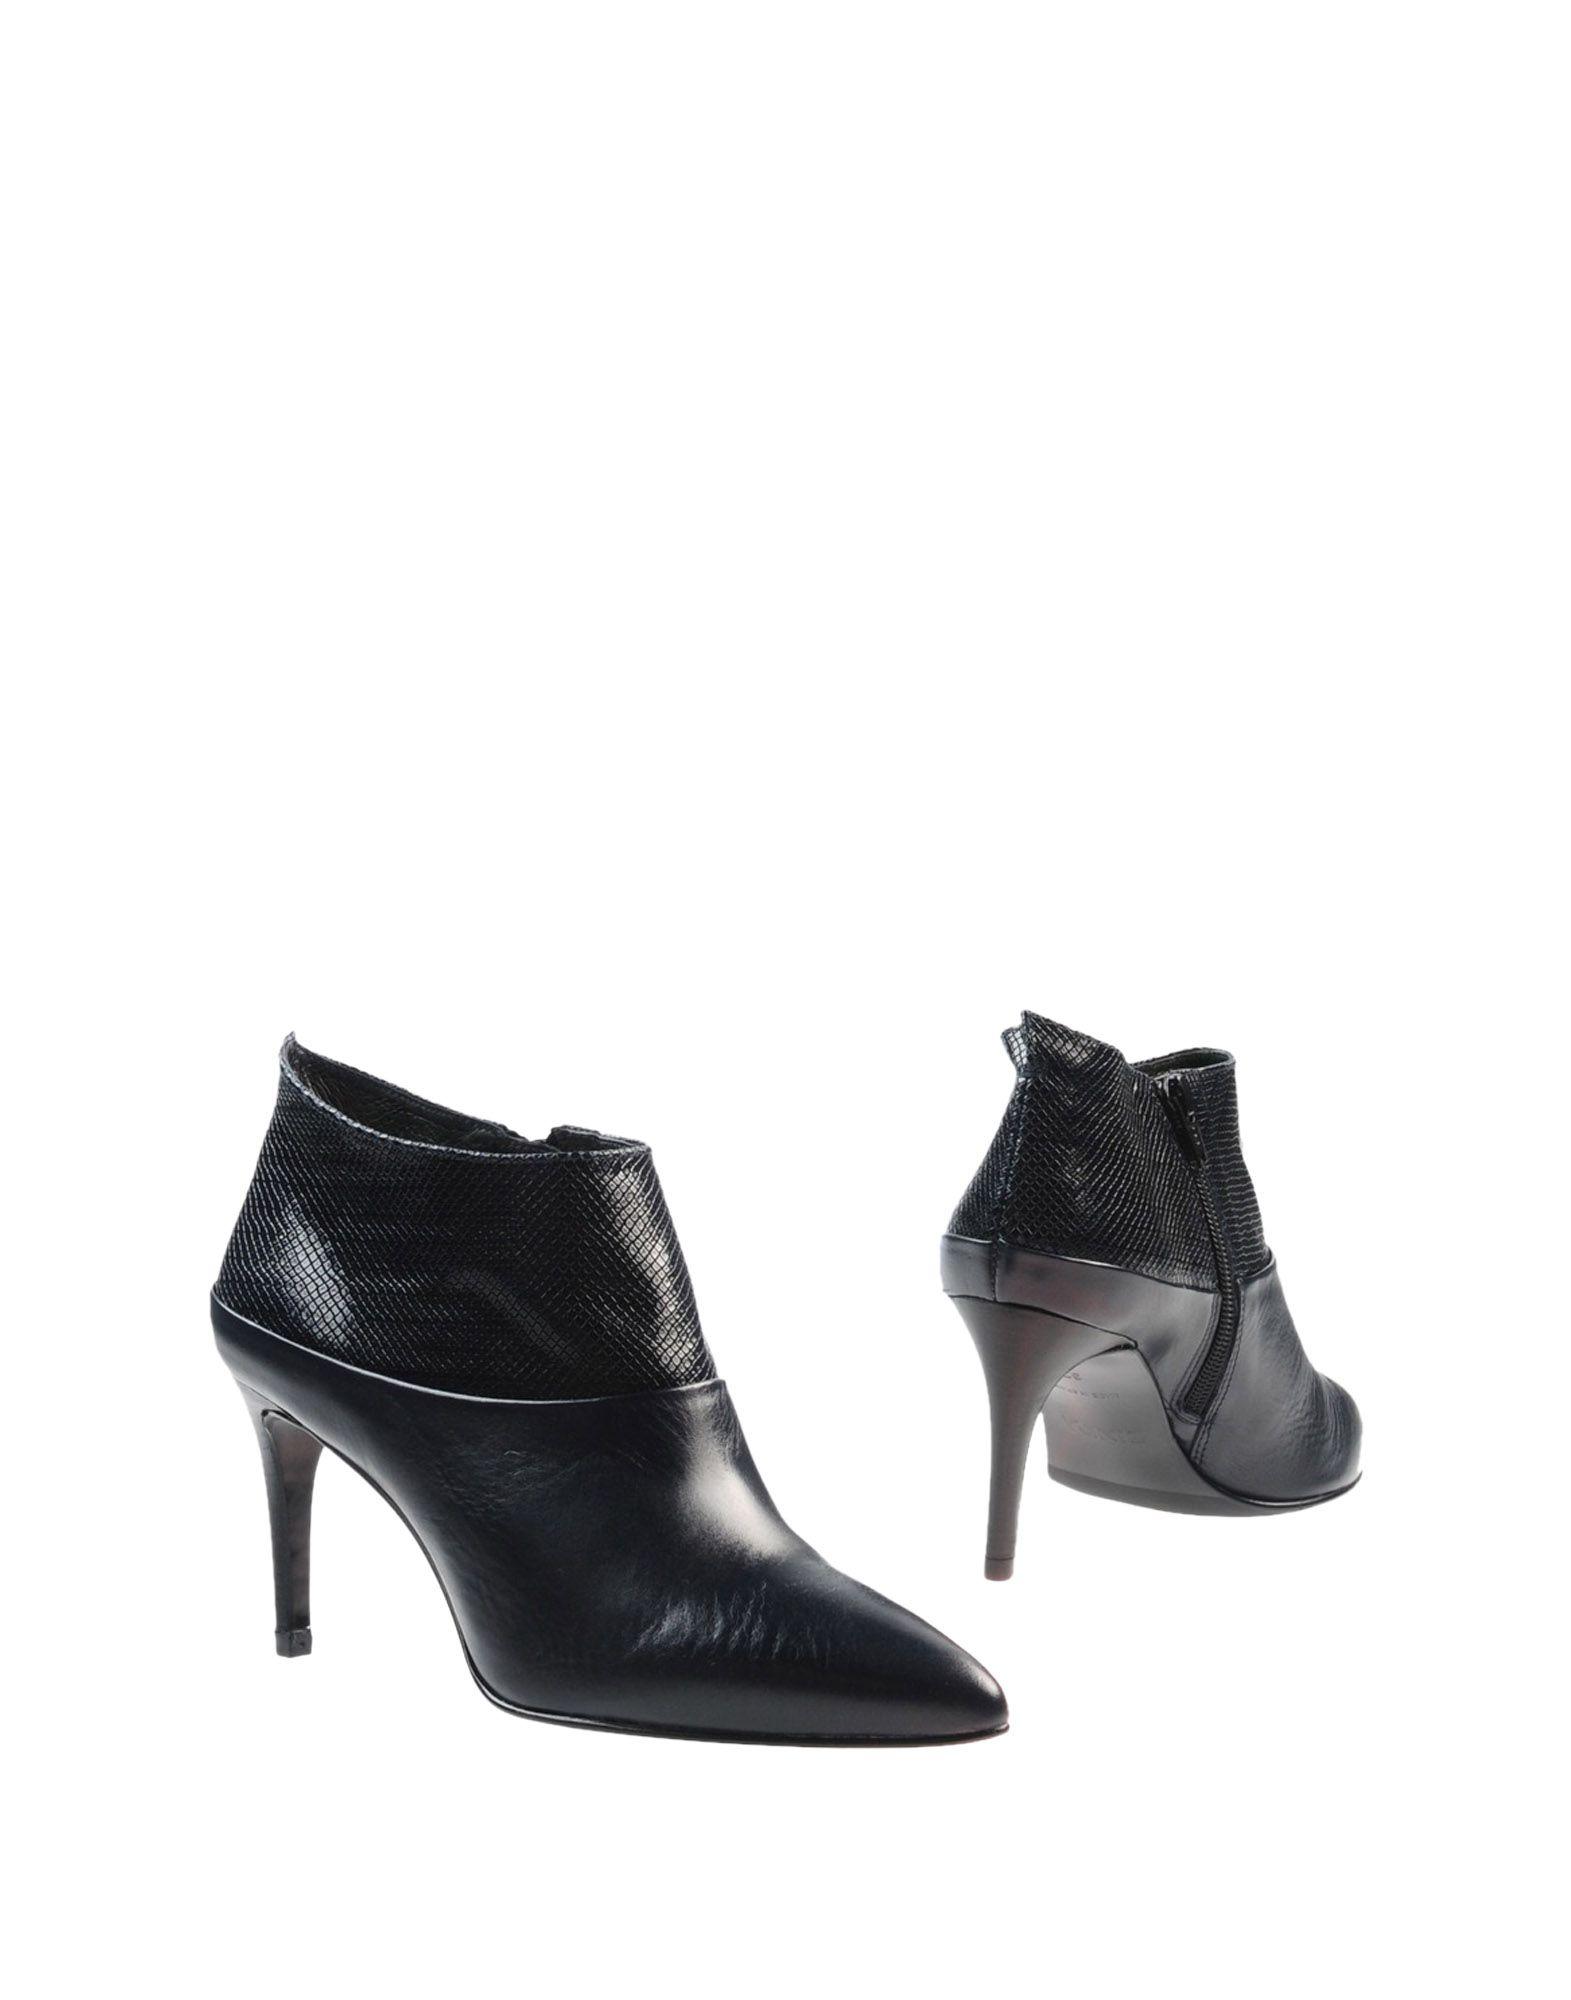 Zinda Stiefelette Damen  11307674CH Gute Qualität beliebte Schuhe